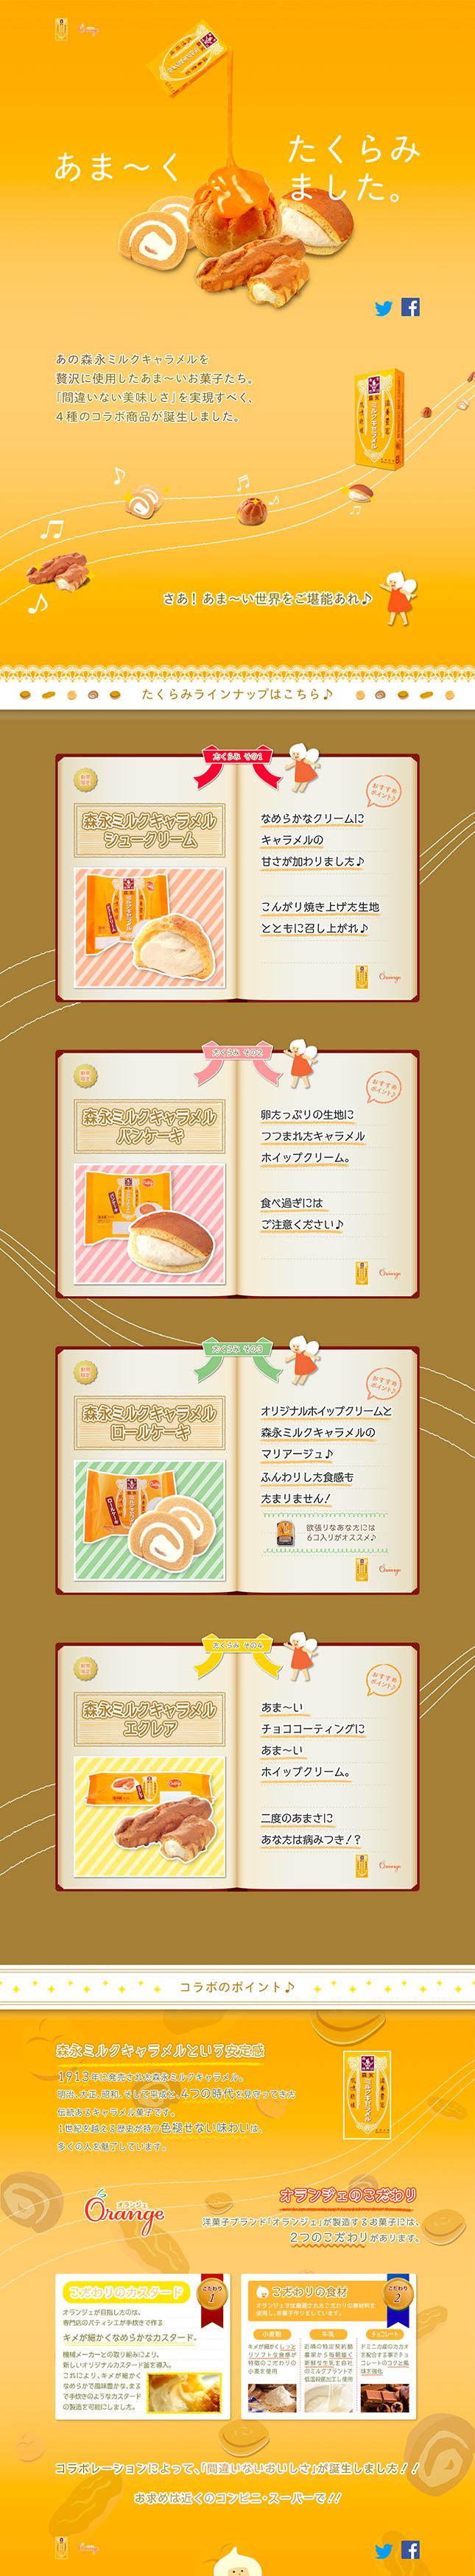 田口食品株式会社のPC版サイト